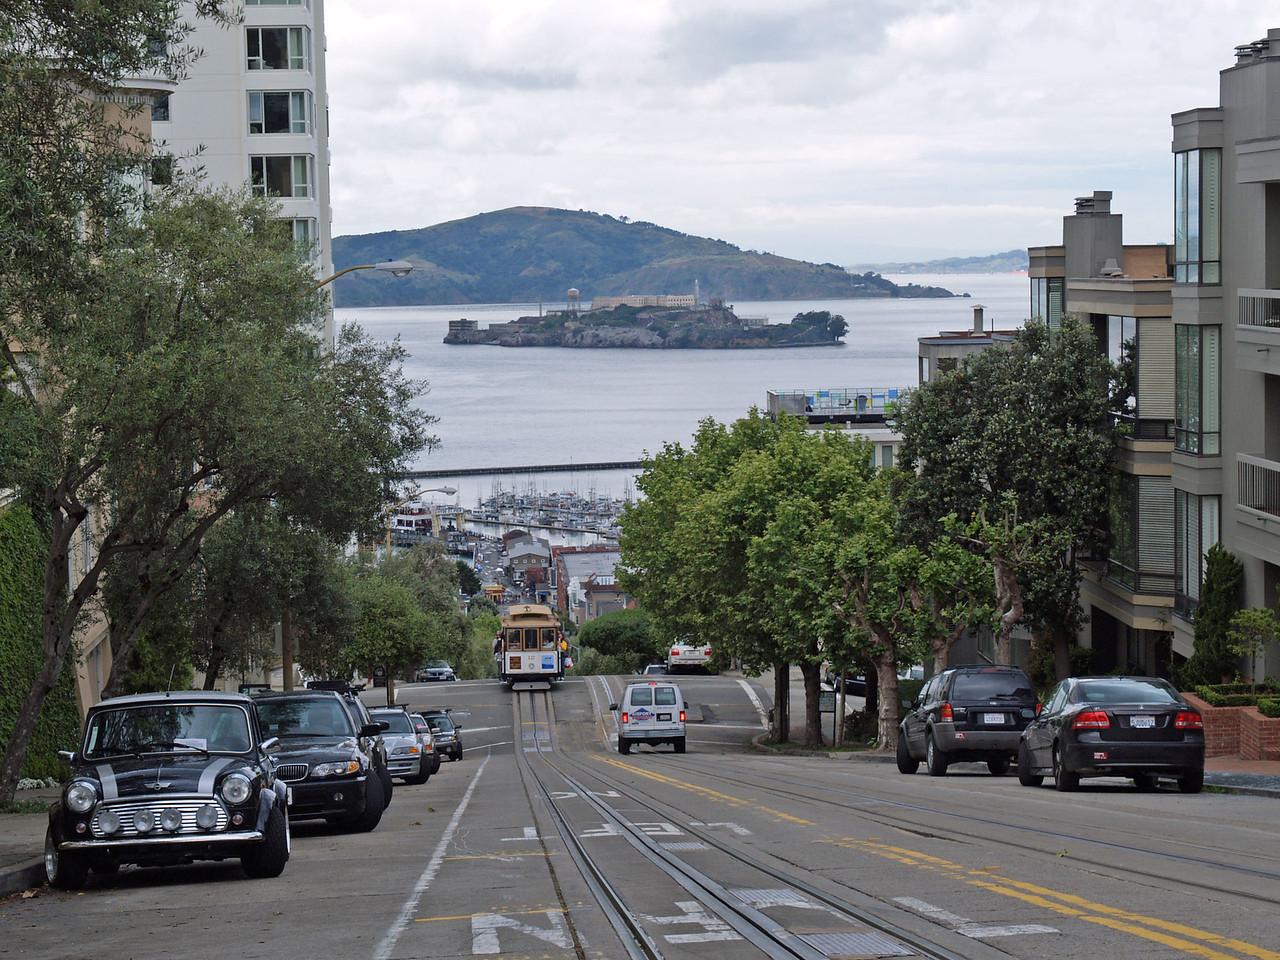 Powell Street looking toward Alcatraz